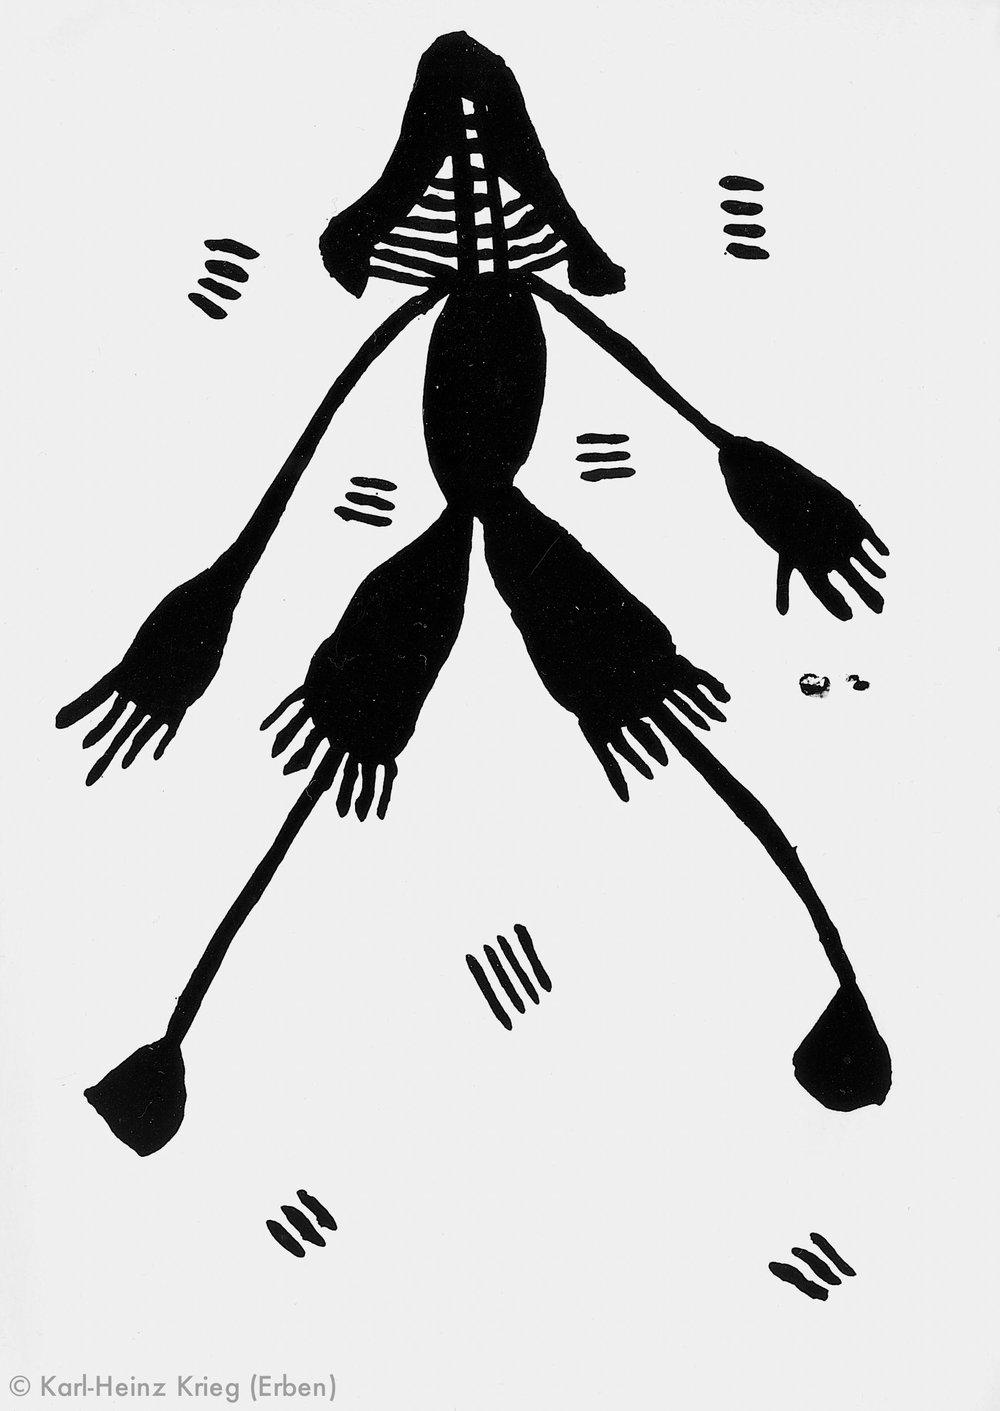 Akoi Zoumanigi Maskentänzer, 1996 Acryl/Papier, grundiert 28,1 x 20,8 cm Werknr. 38-1996/7